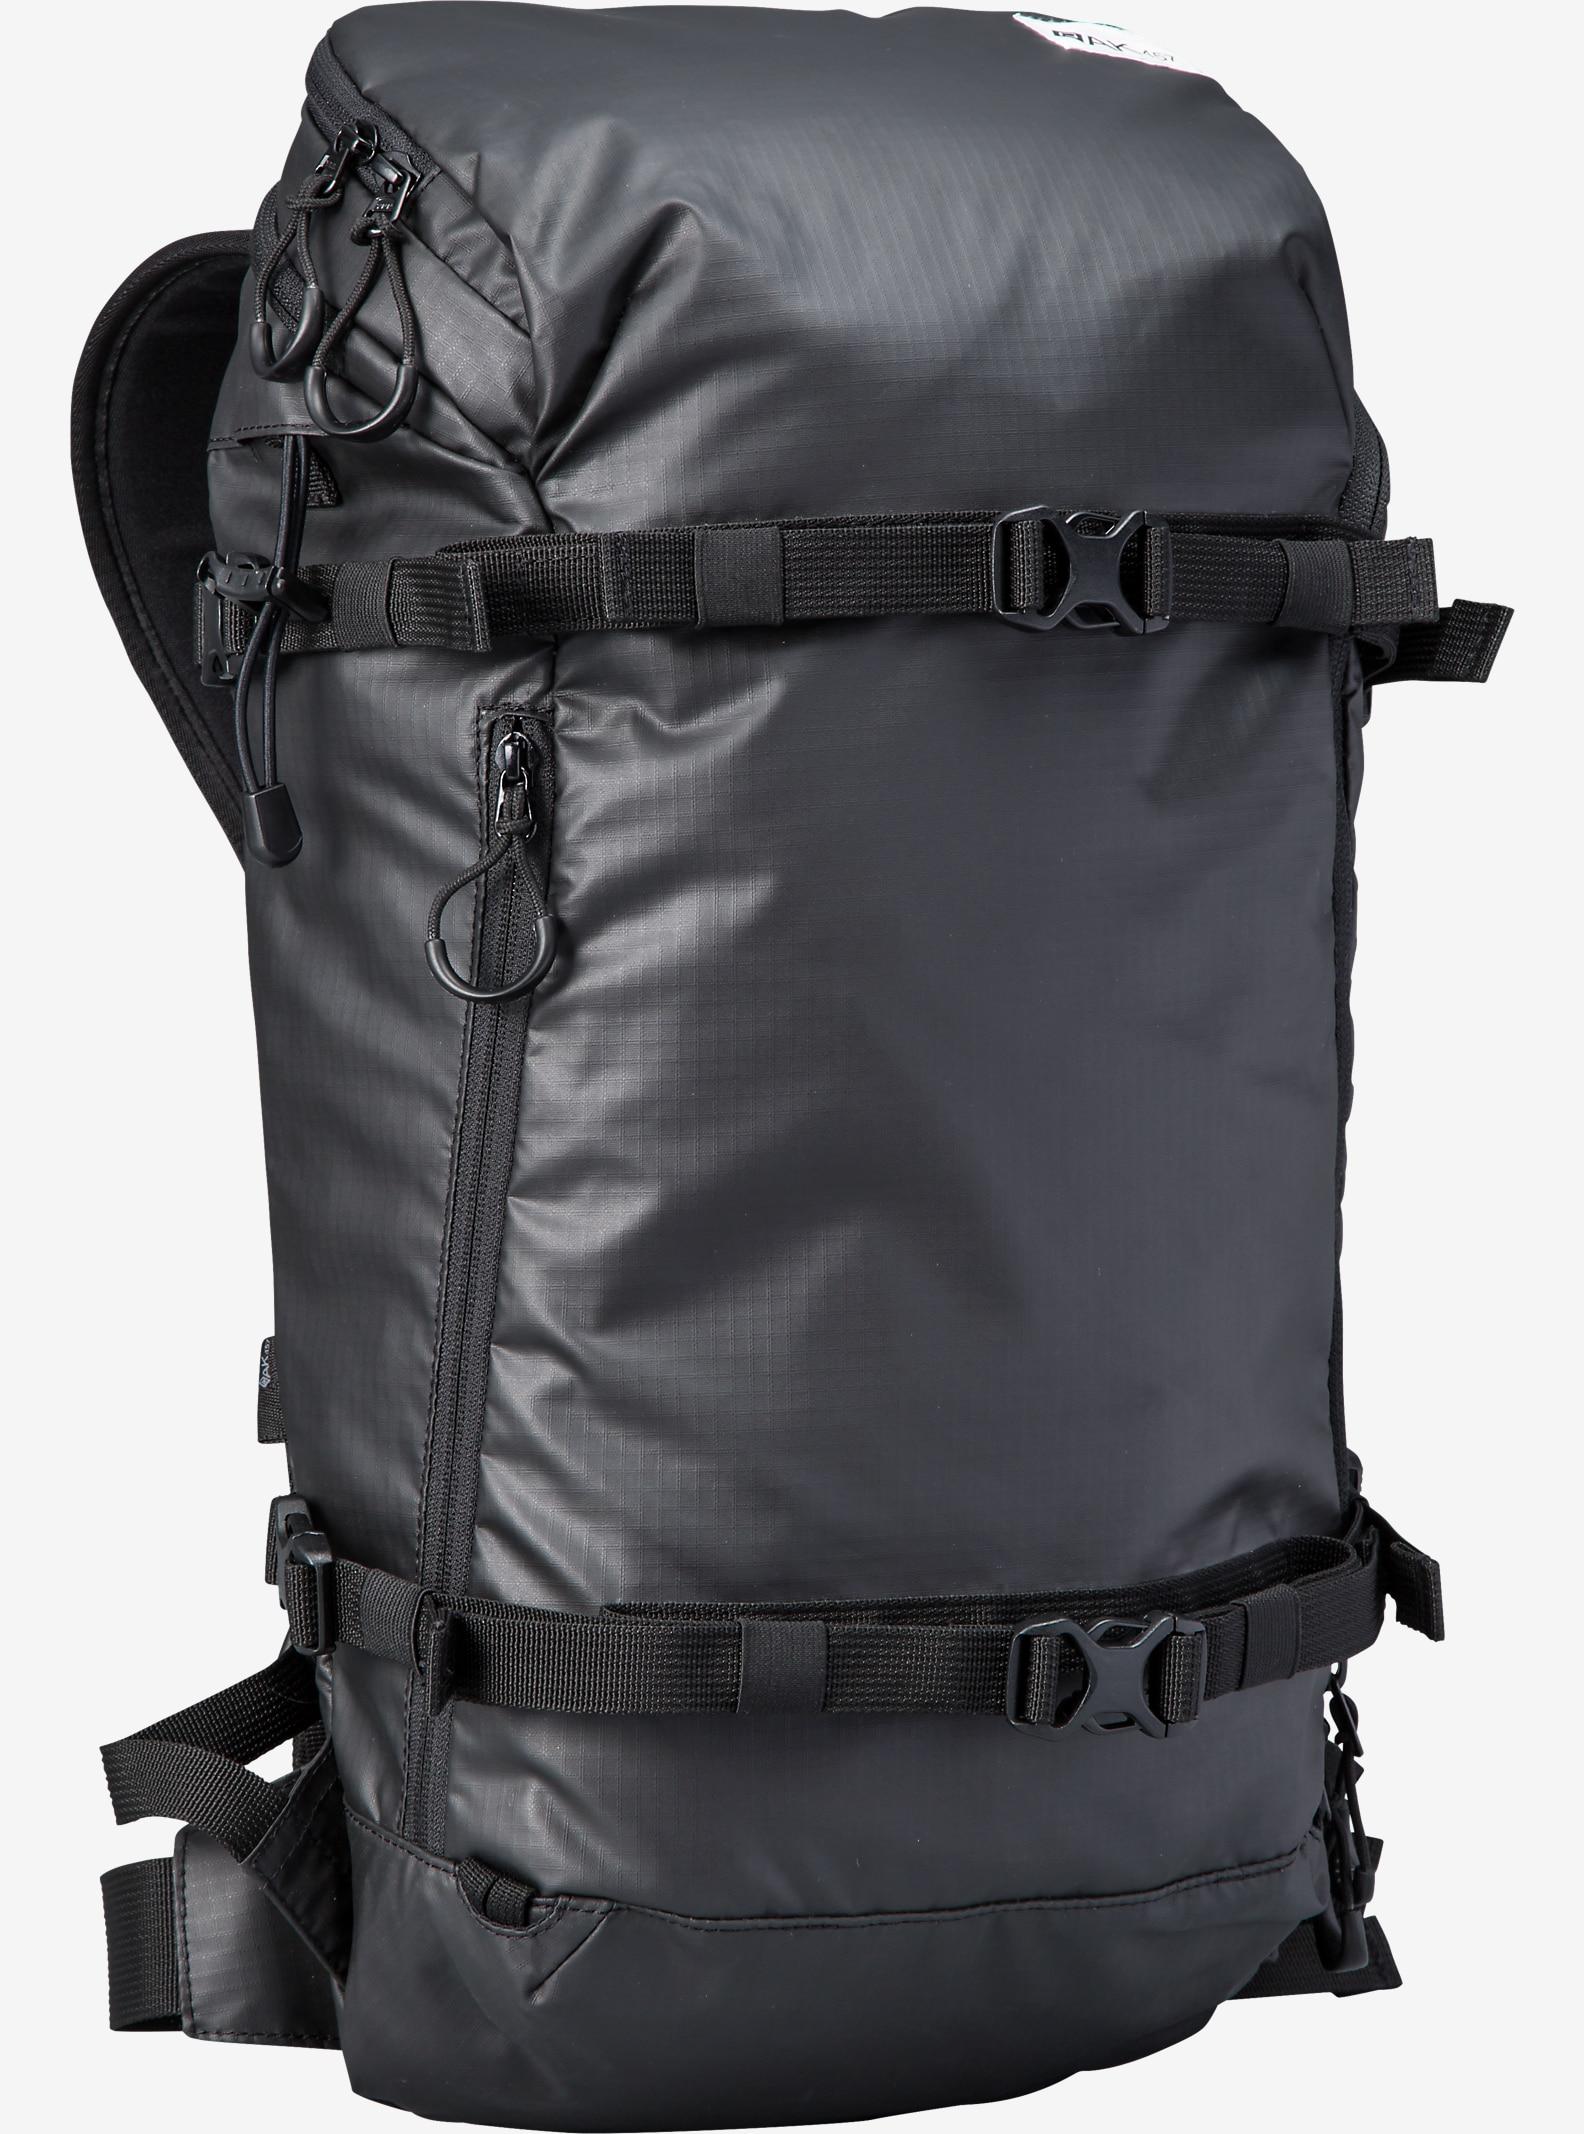 Burton AK457 17L Pack shown in True Black